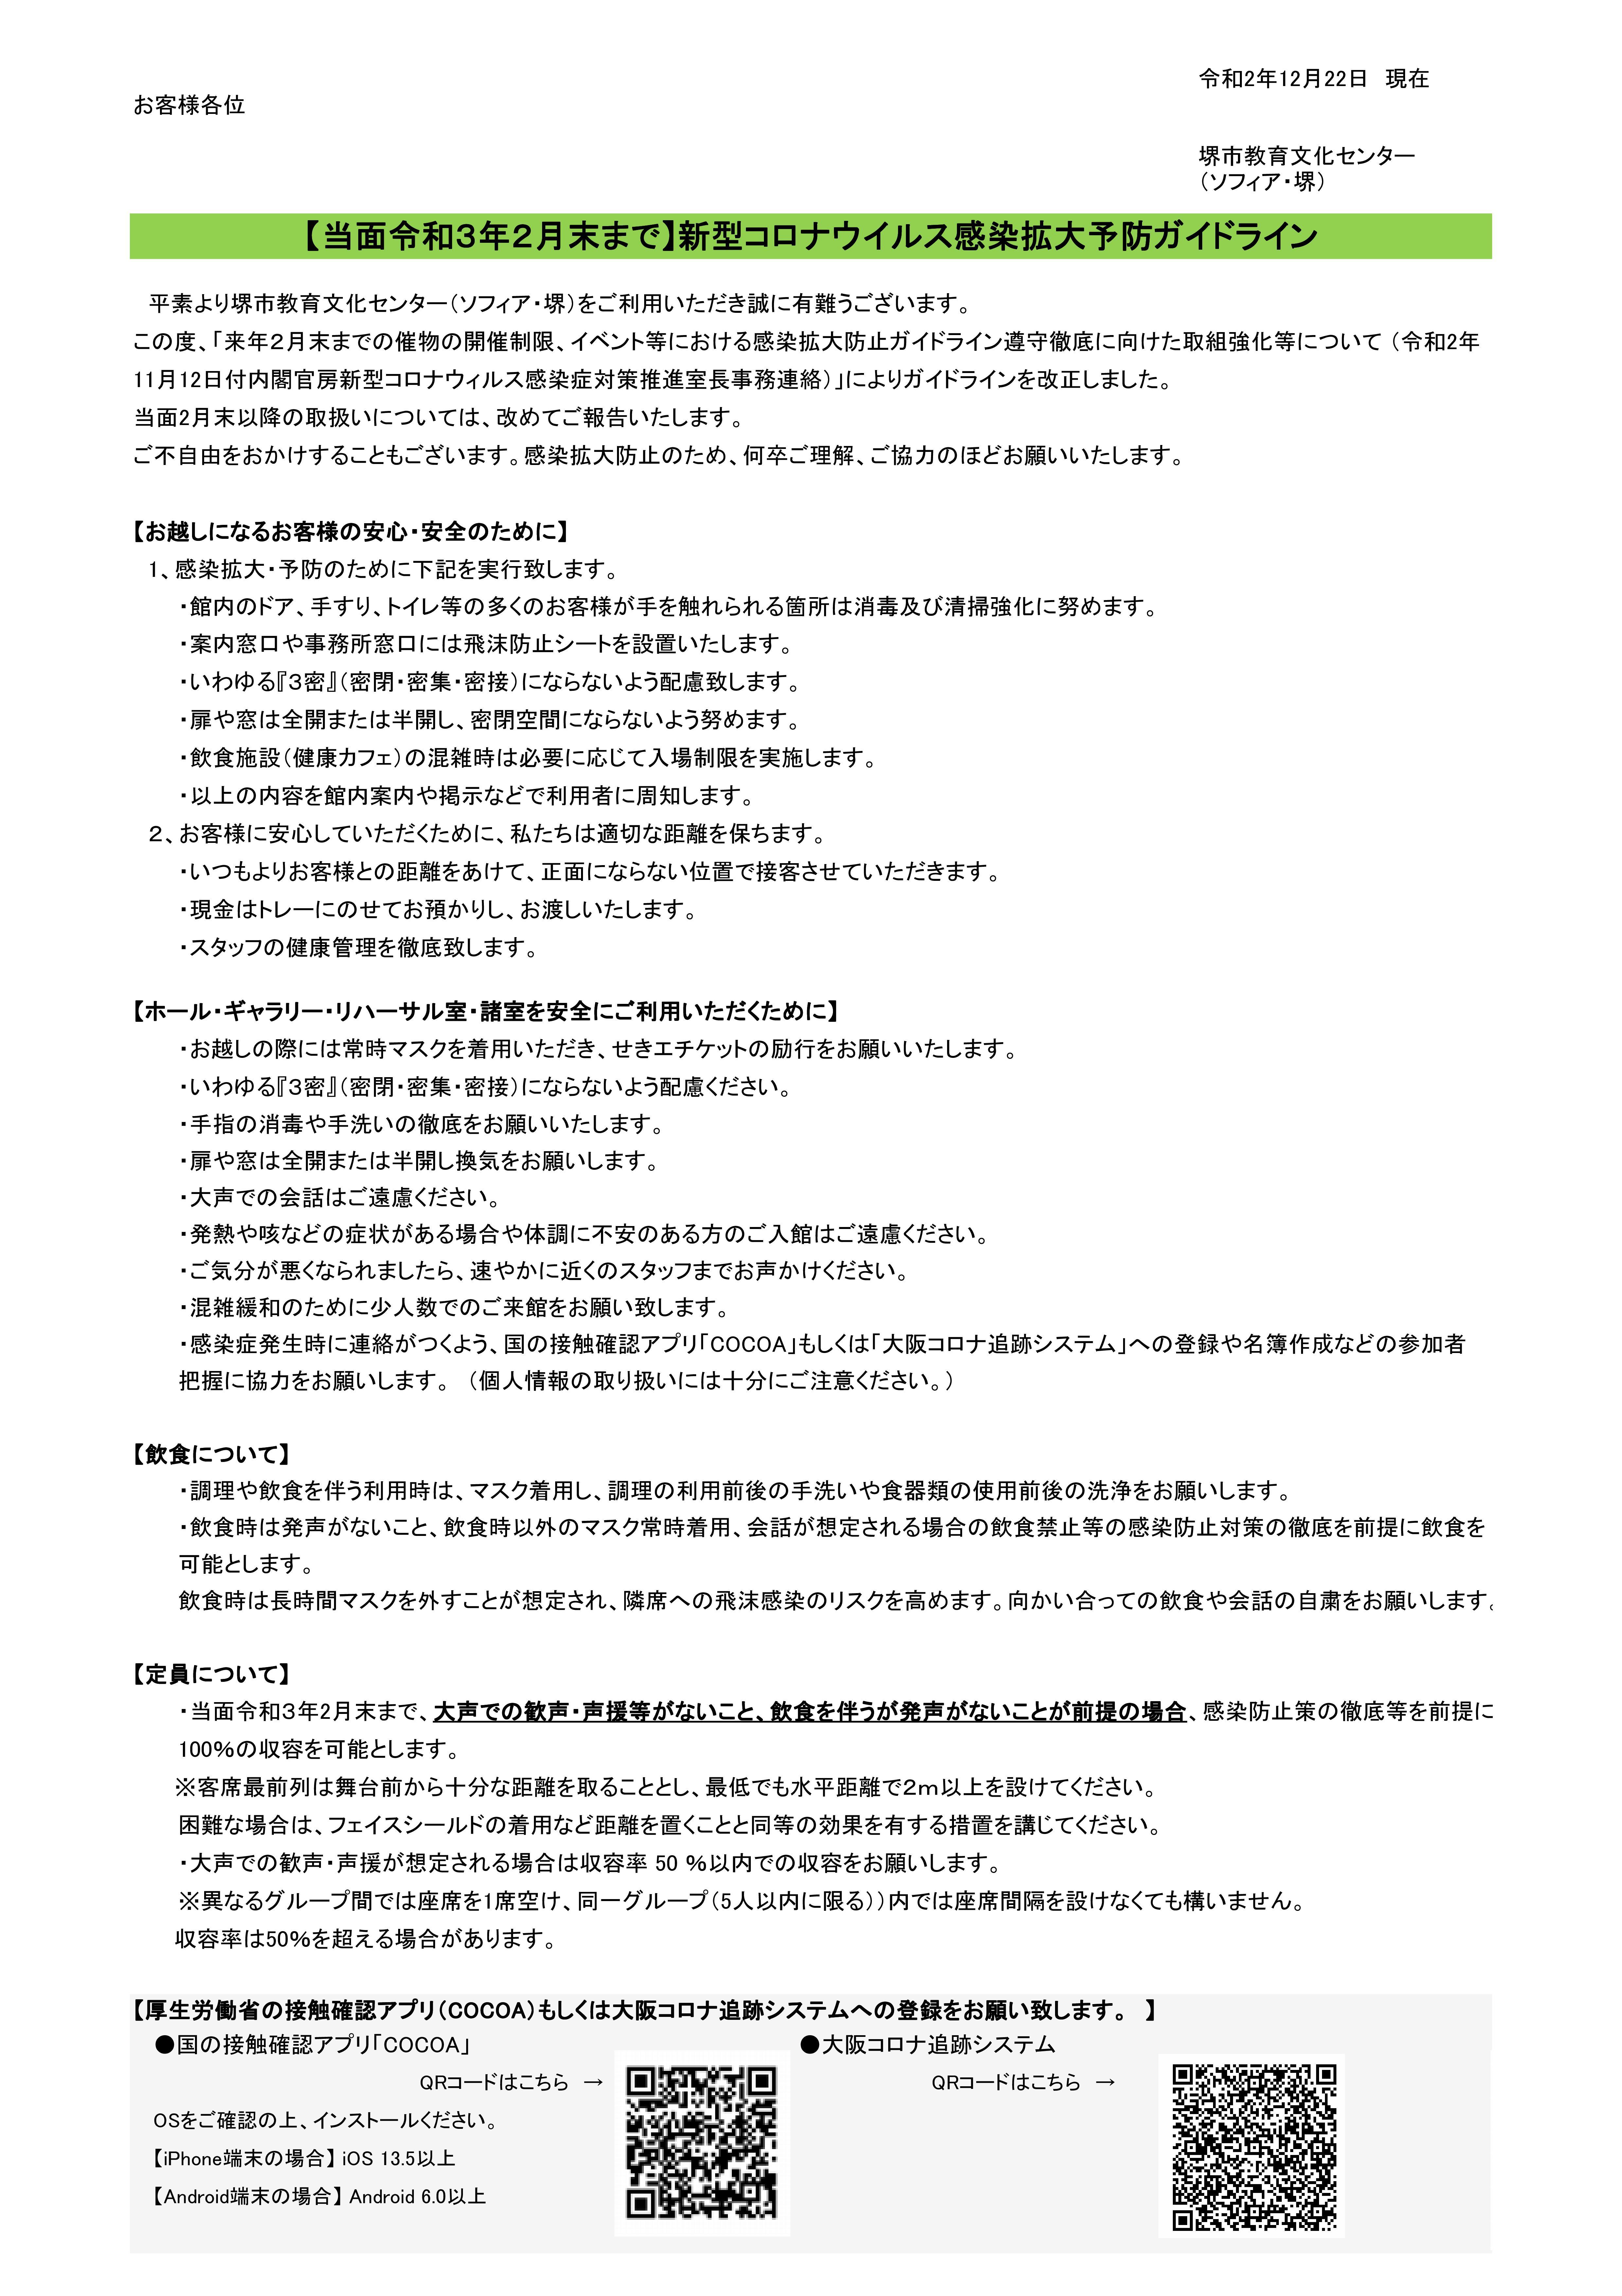 【12/22更新】新型コロナウイルス感染拡大防止ガイドラインの改定について